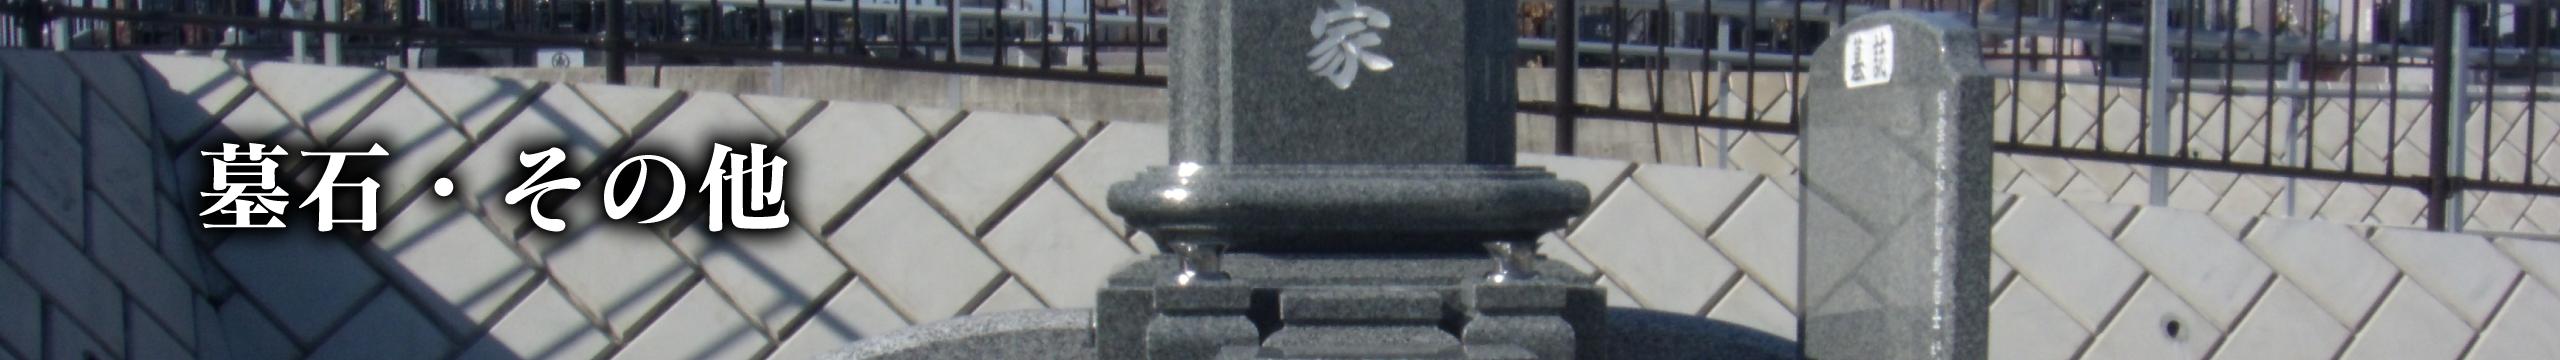 墓石・その他